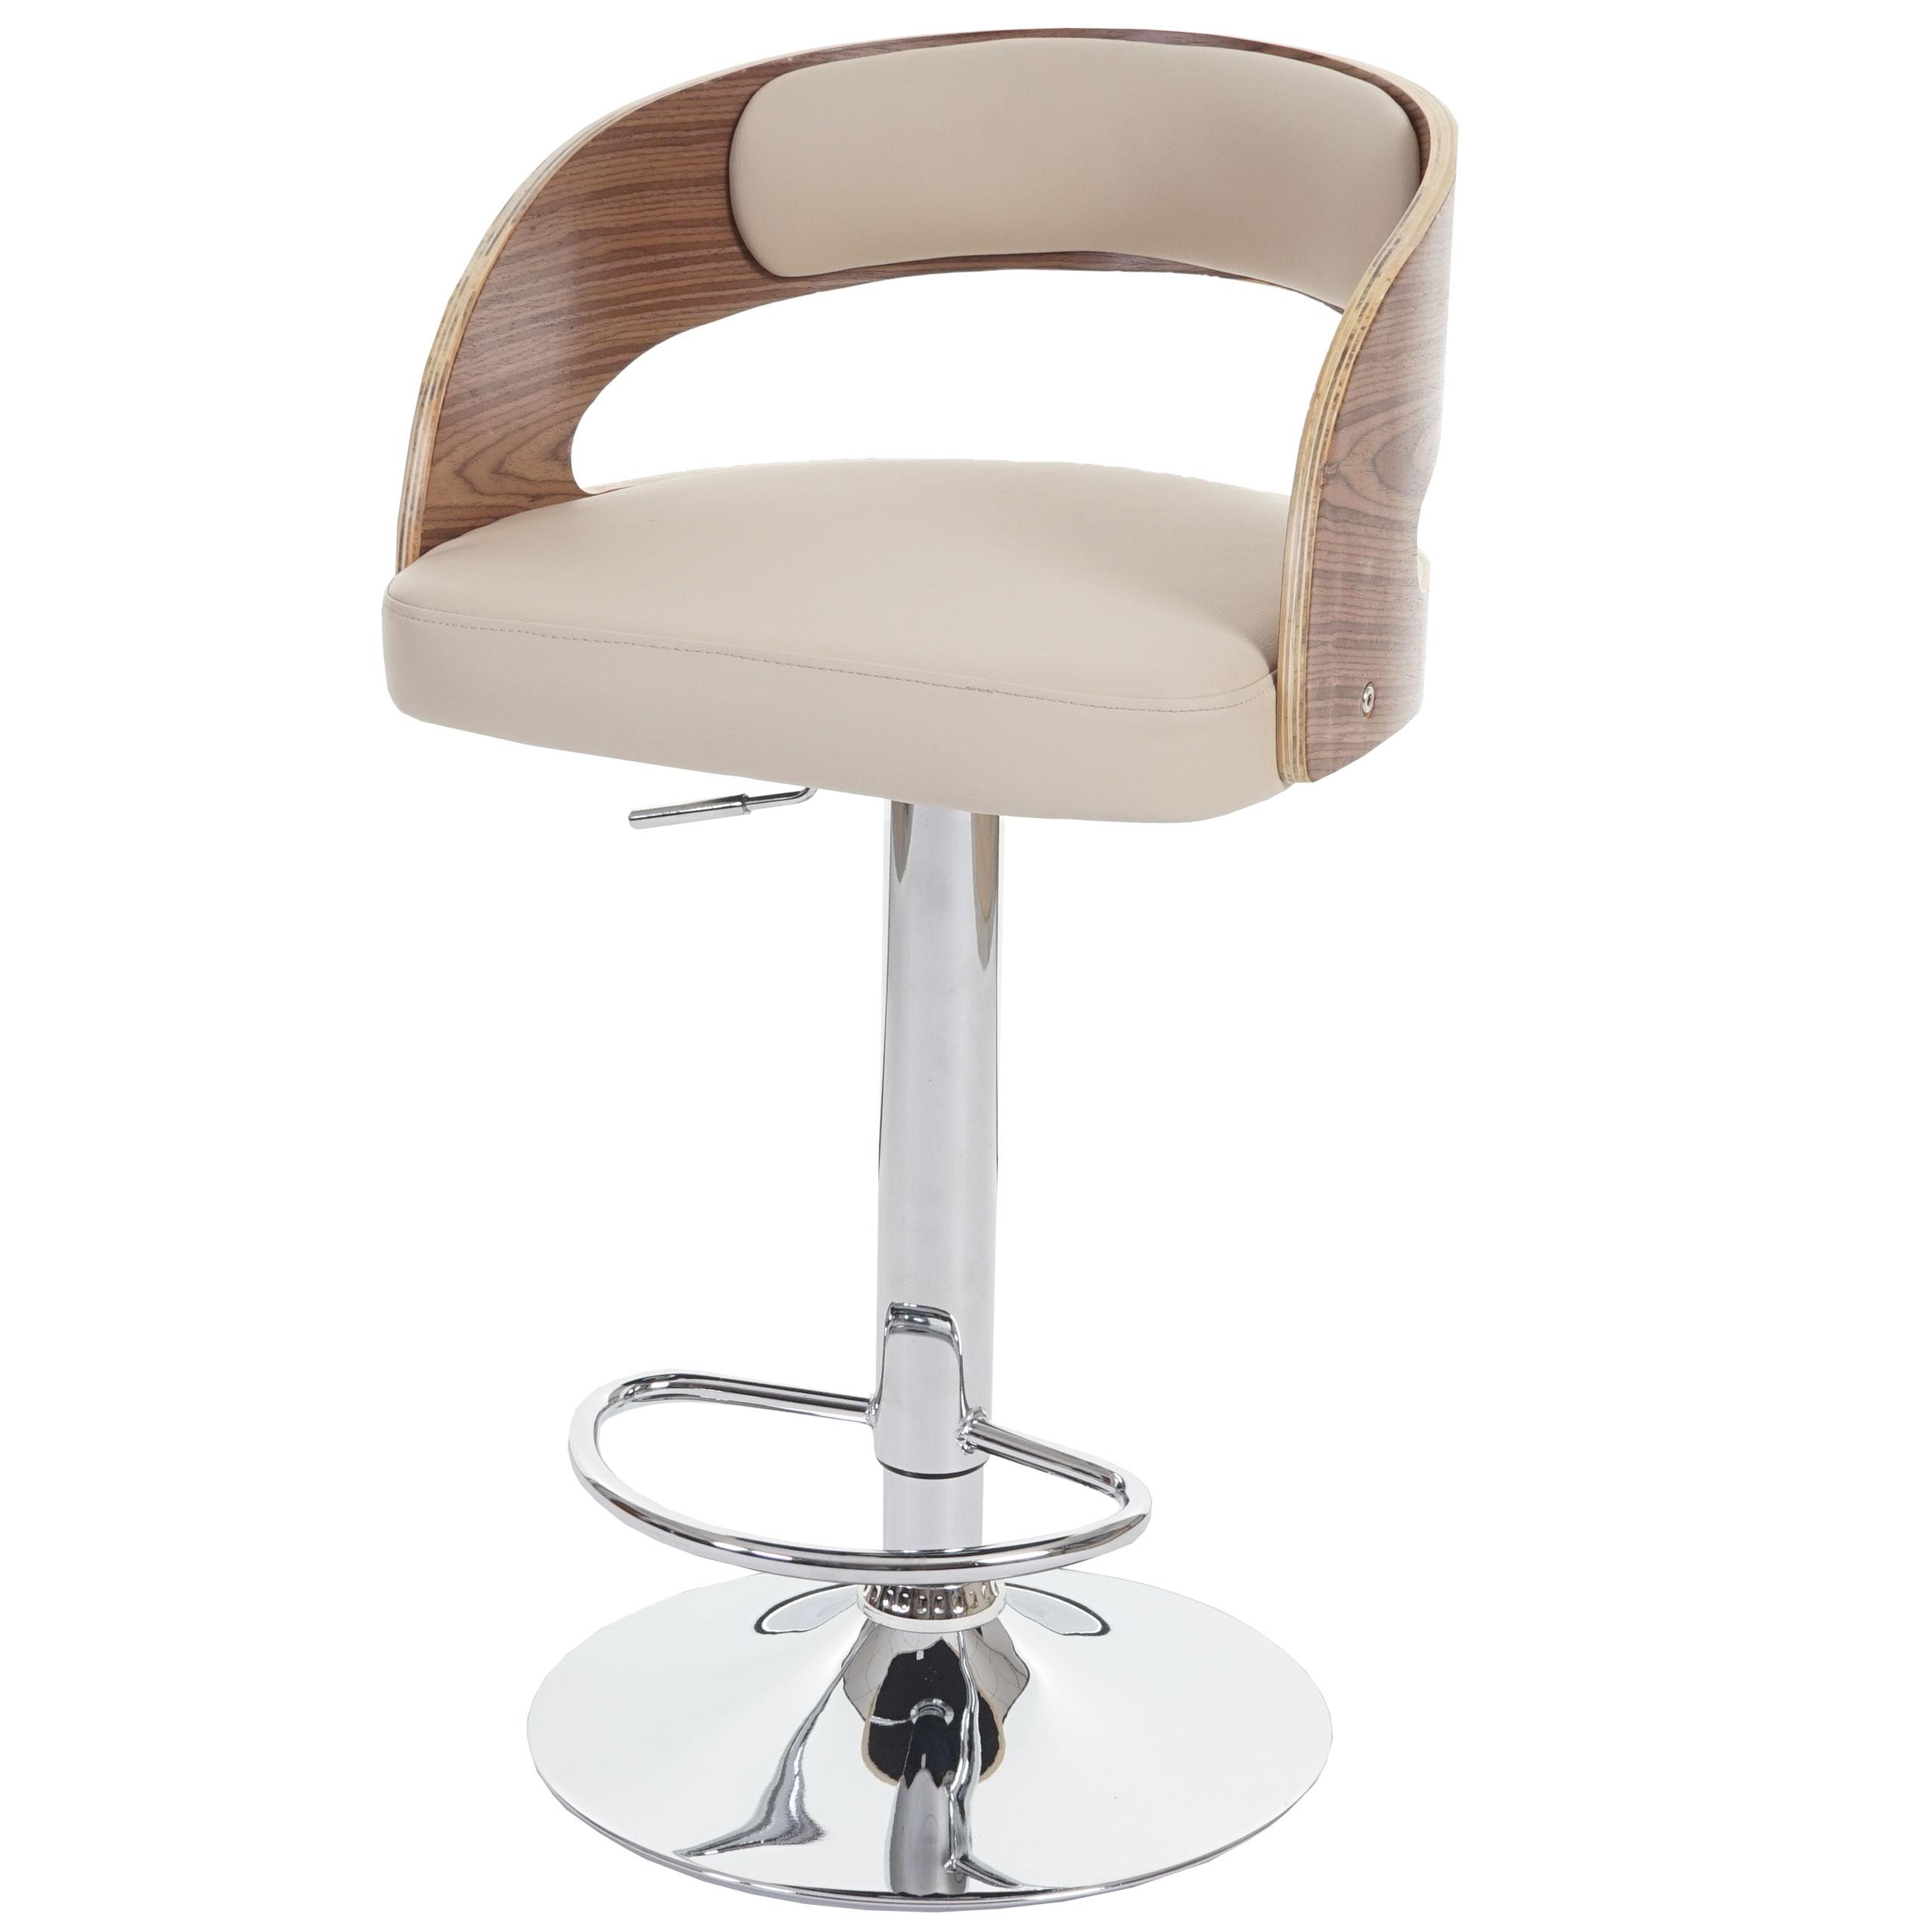 barhocker sisak barstuhl holz bugholz retro design schwarz creme ebay. Black Bedroom Furniture Sets. Home Design Ideas